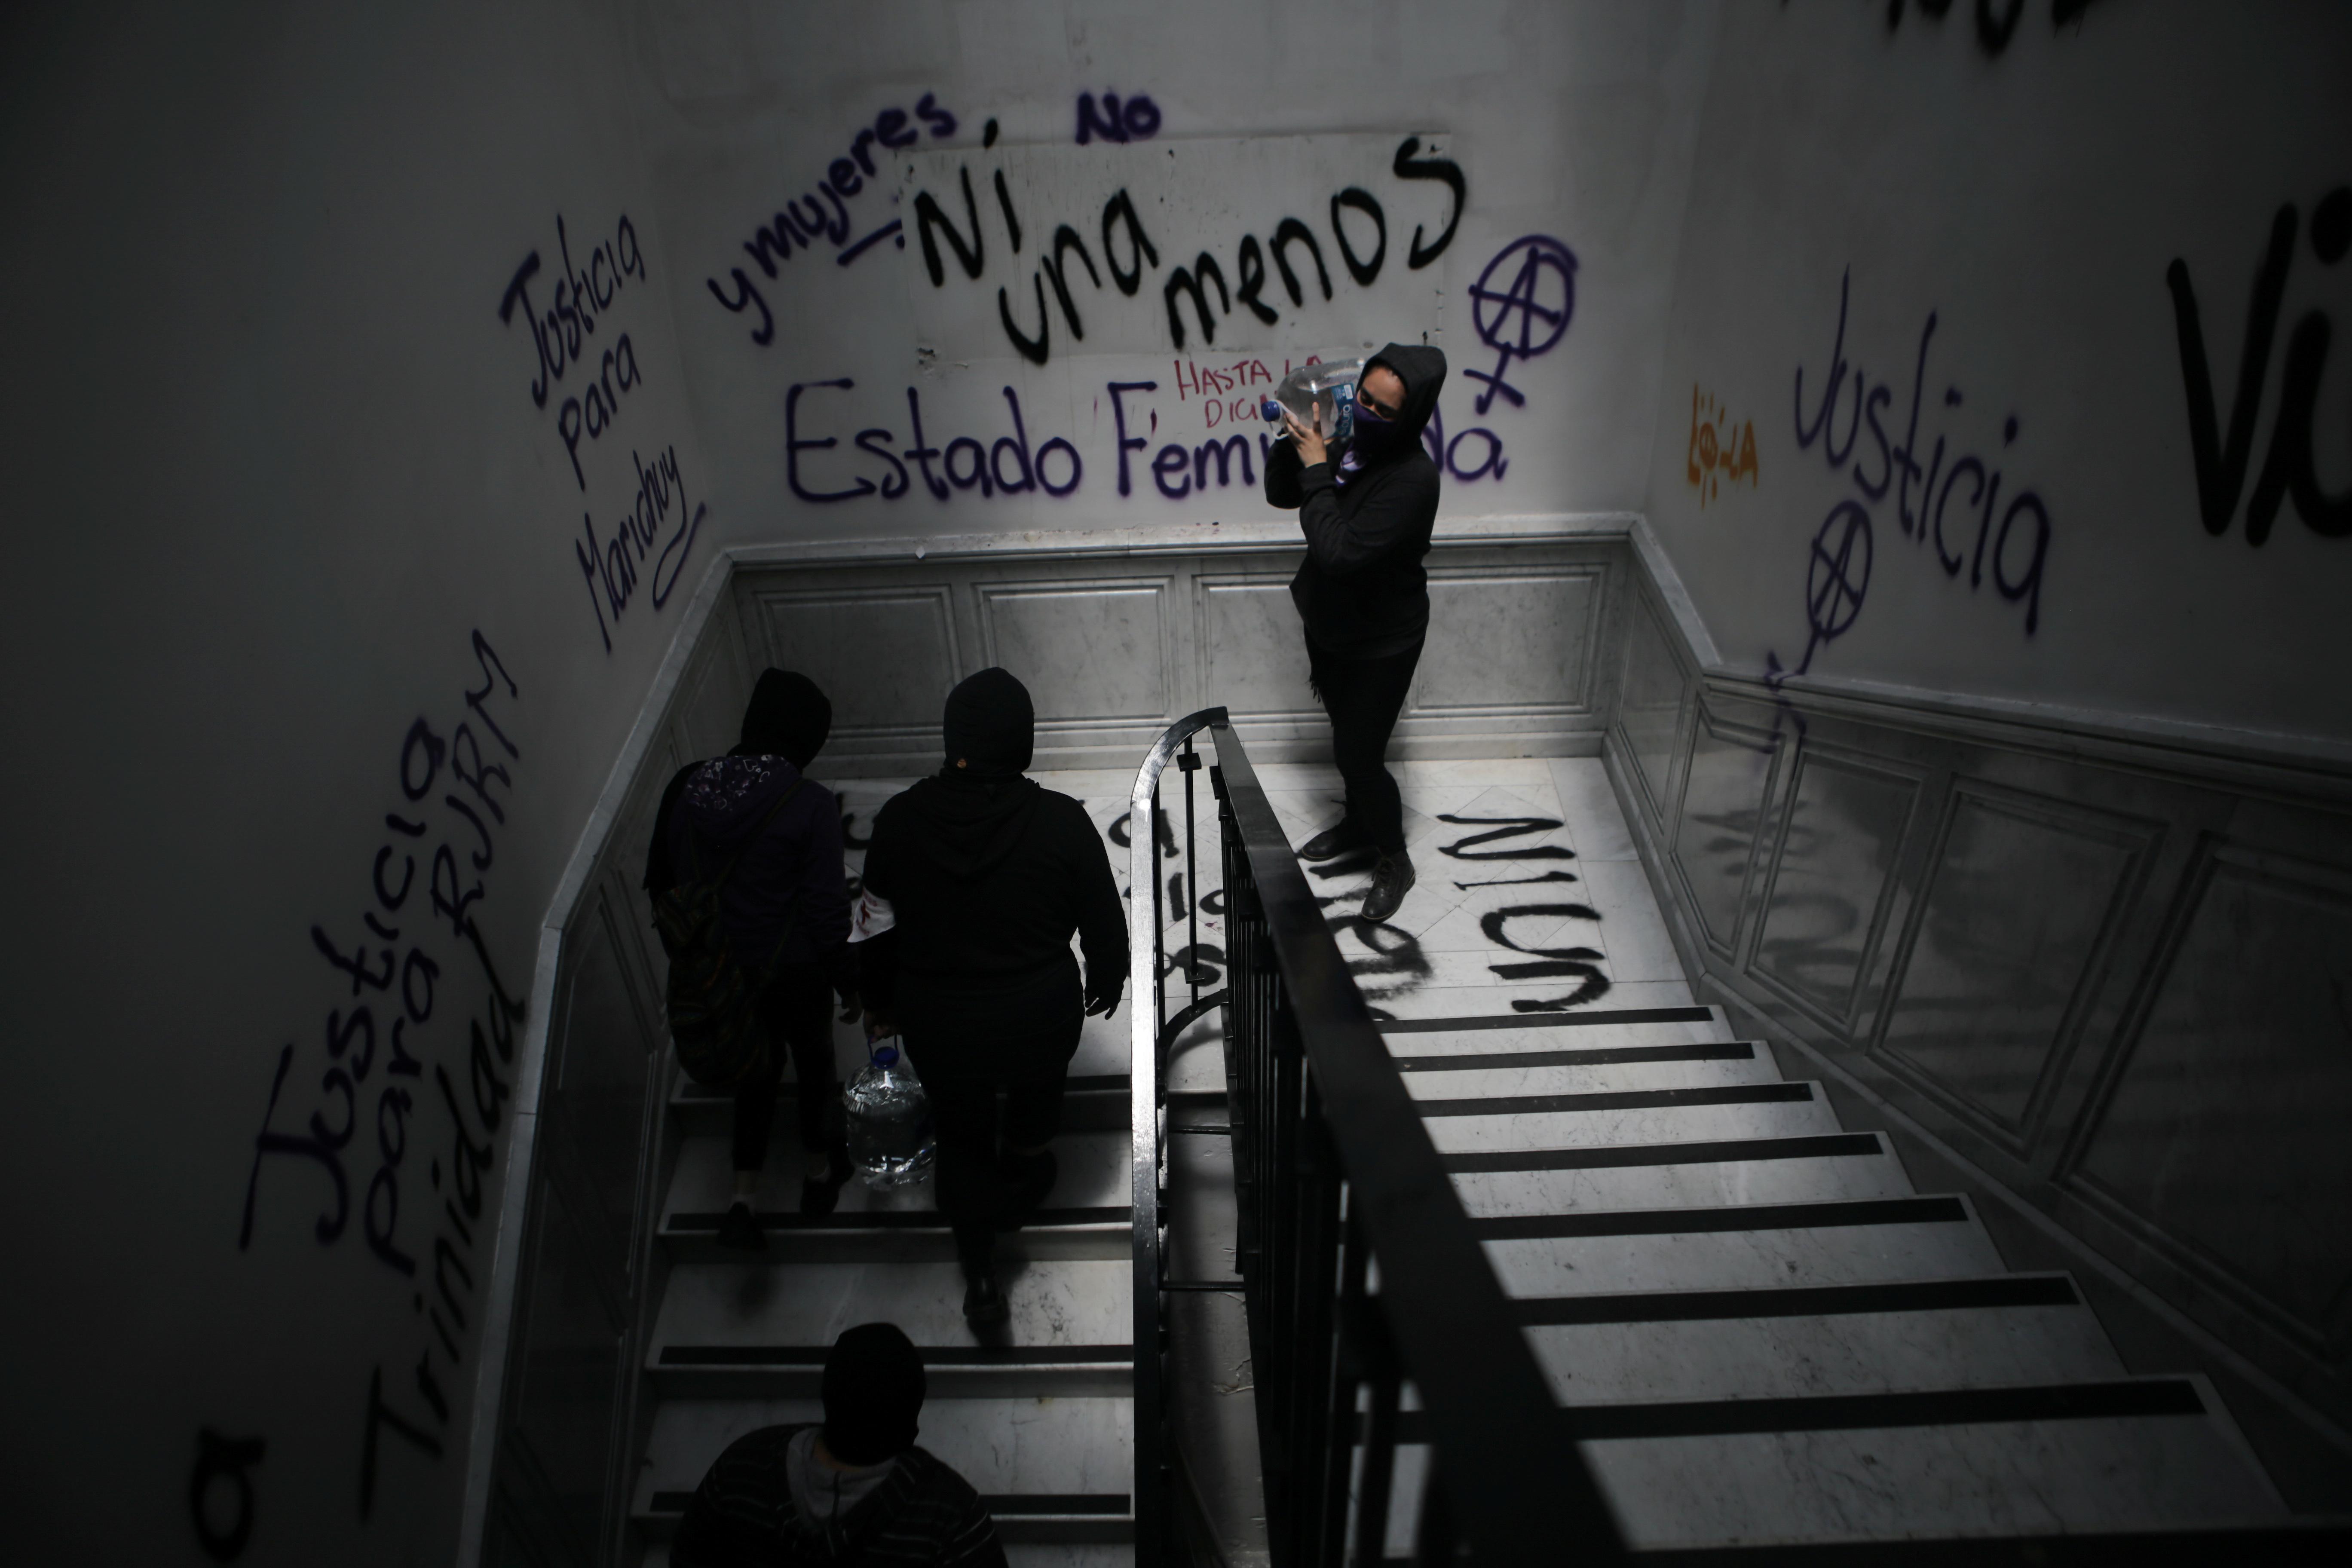 Integrantes de un colectivo feminista cargan bidones de agua mientras toman las instalaciones del edificio de la Comisión Nacional de Derechos Humanos, en apoyo a las víctimas de violencia de género, en la Ciudad de México, México, 11 de septiembre de 2020. Fotografía tomada el 11 de septiembre de 2020.